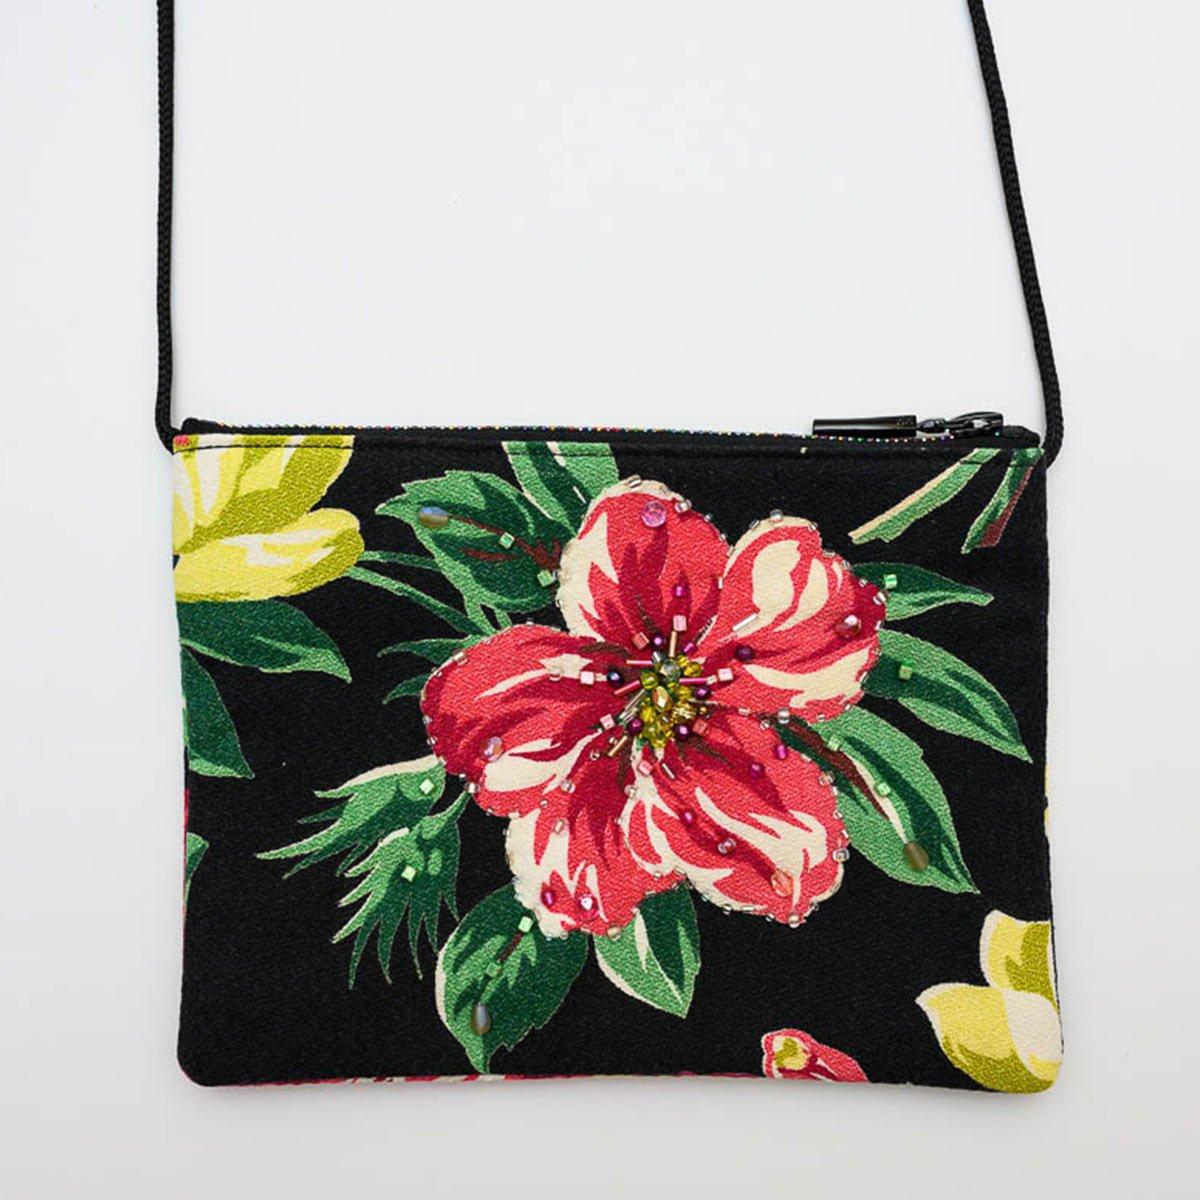 opera_bag_floral_motif_on_black-MLP_6162